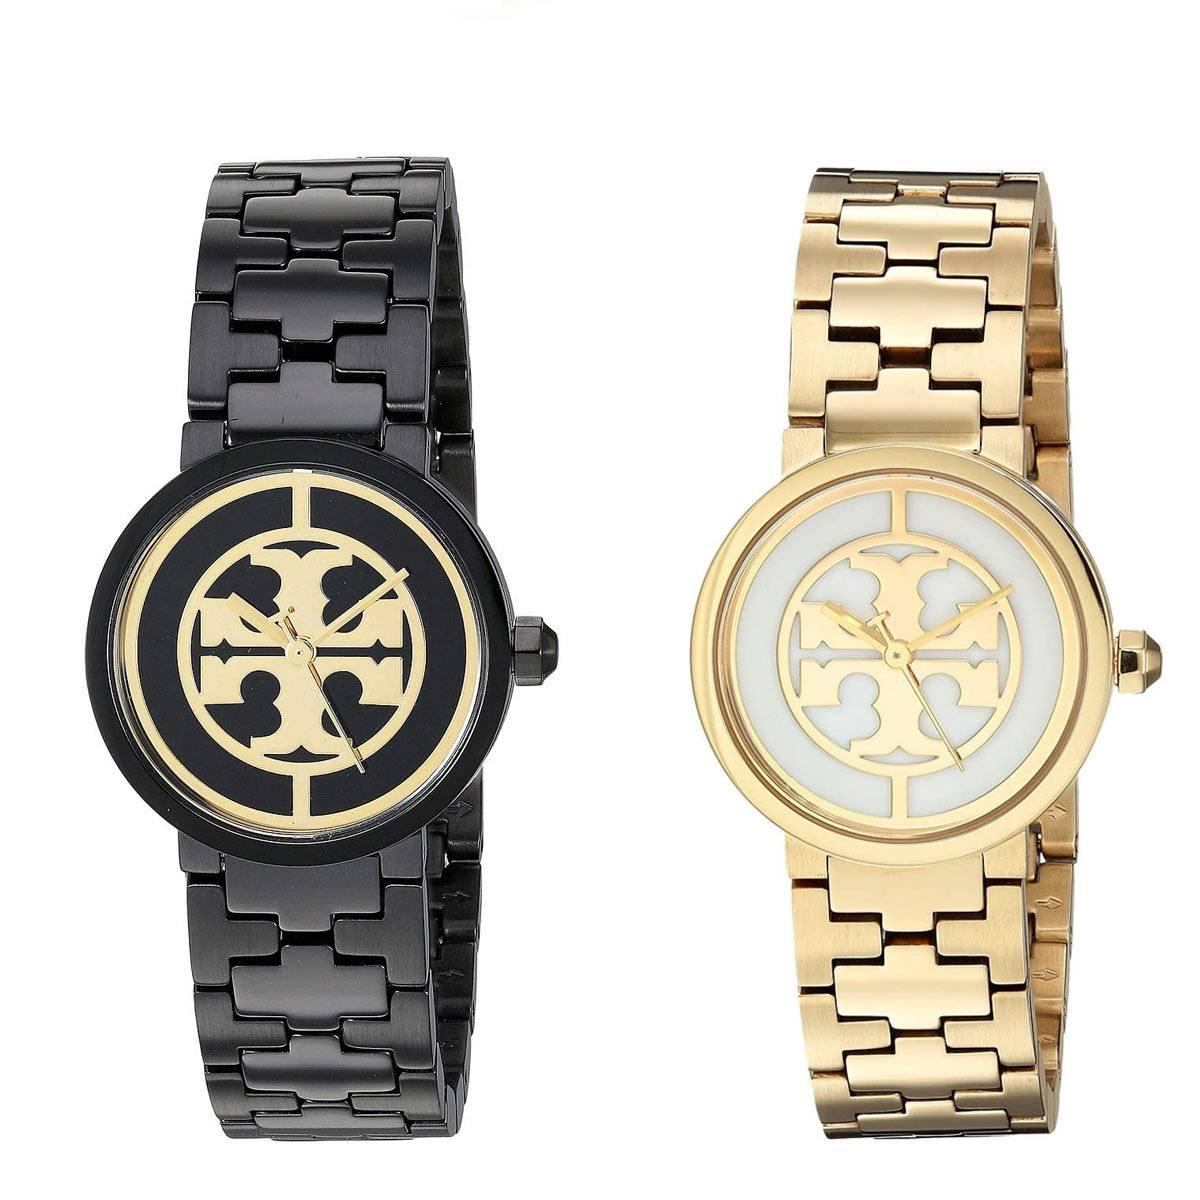 トリーバーチ 時計 腕時計 レディース ブレスレット 秀逸 Burch 激安格安割引情報満載 ブランド おしゃれ スクエア Tory